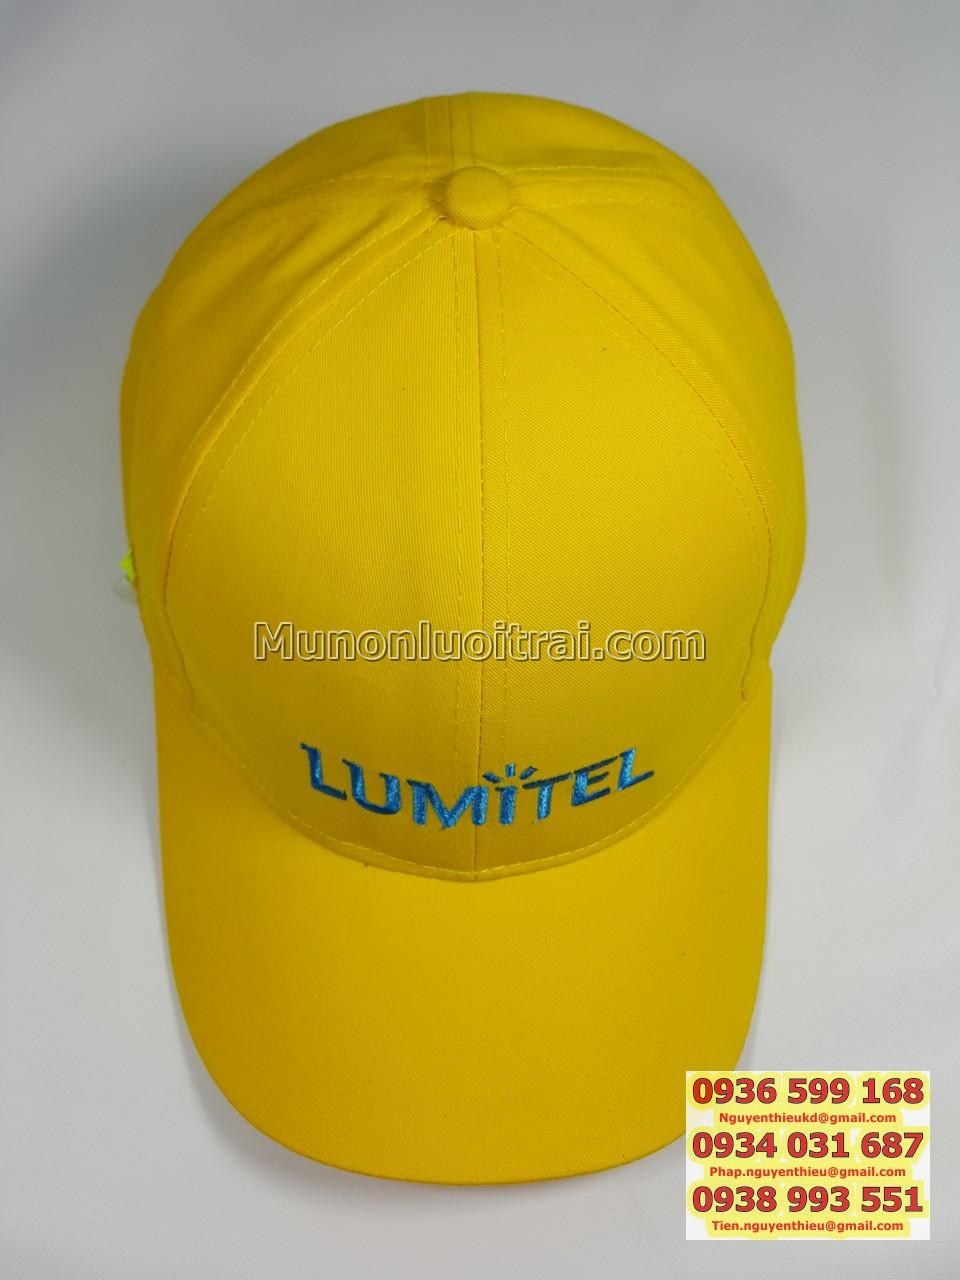 công xưởng may nón du lịch giá rẻ.